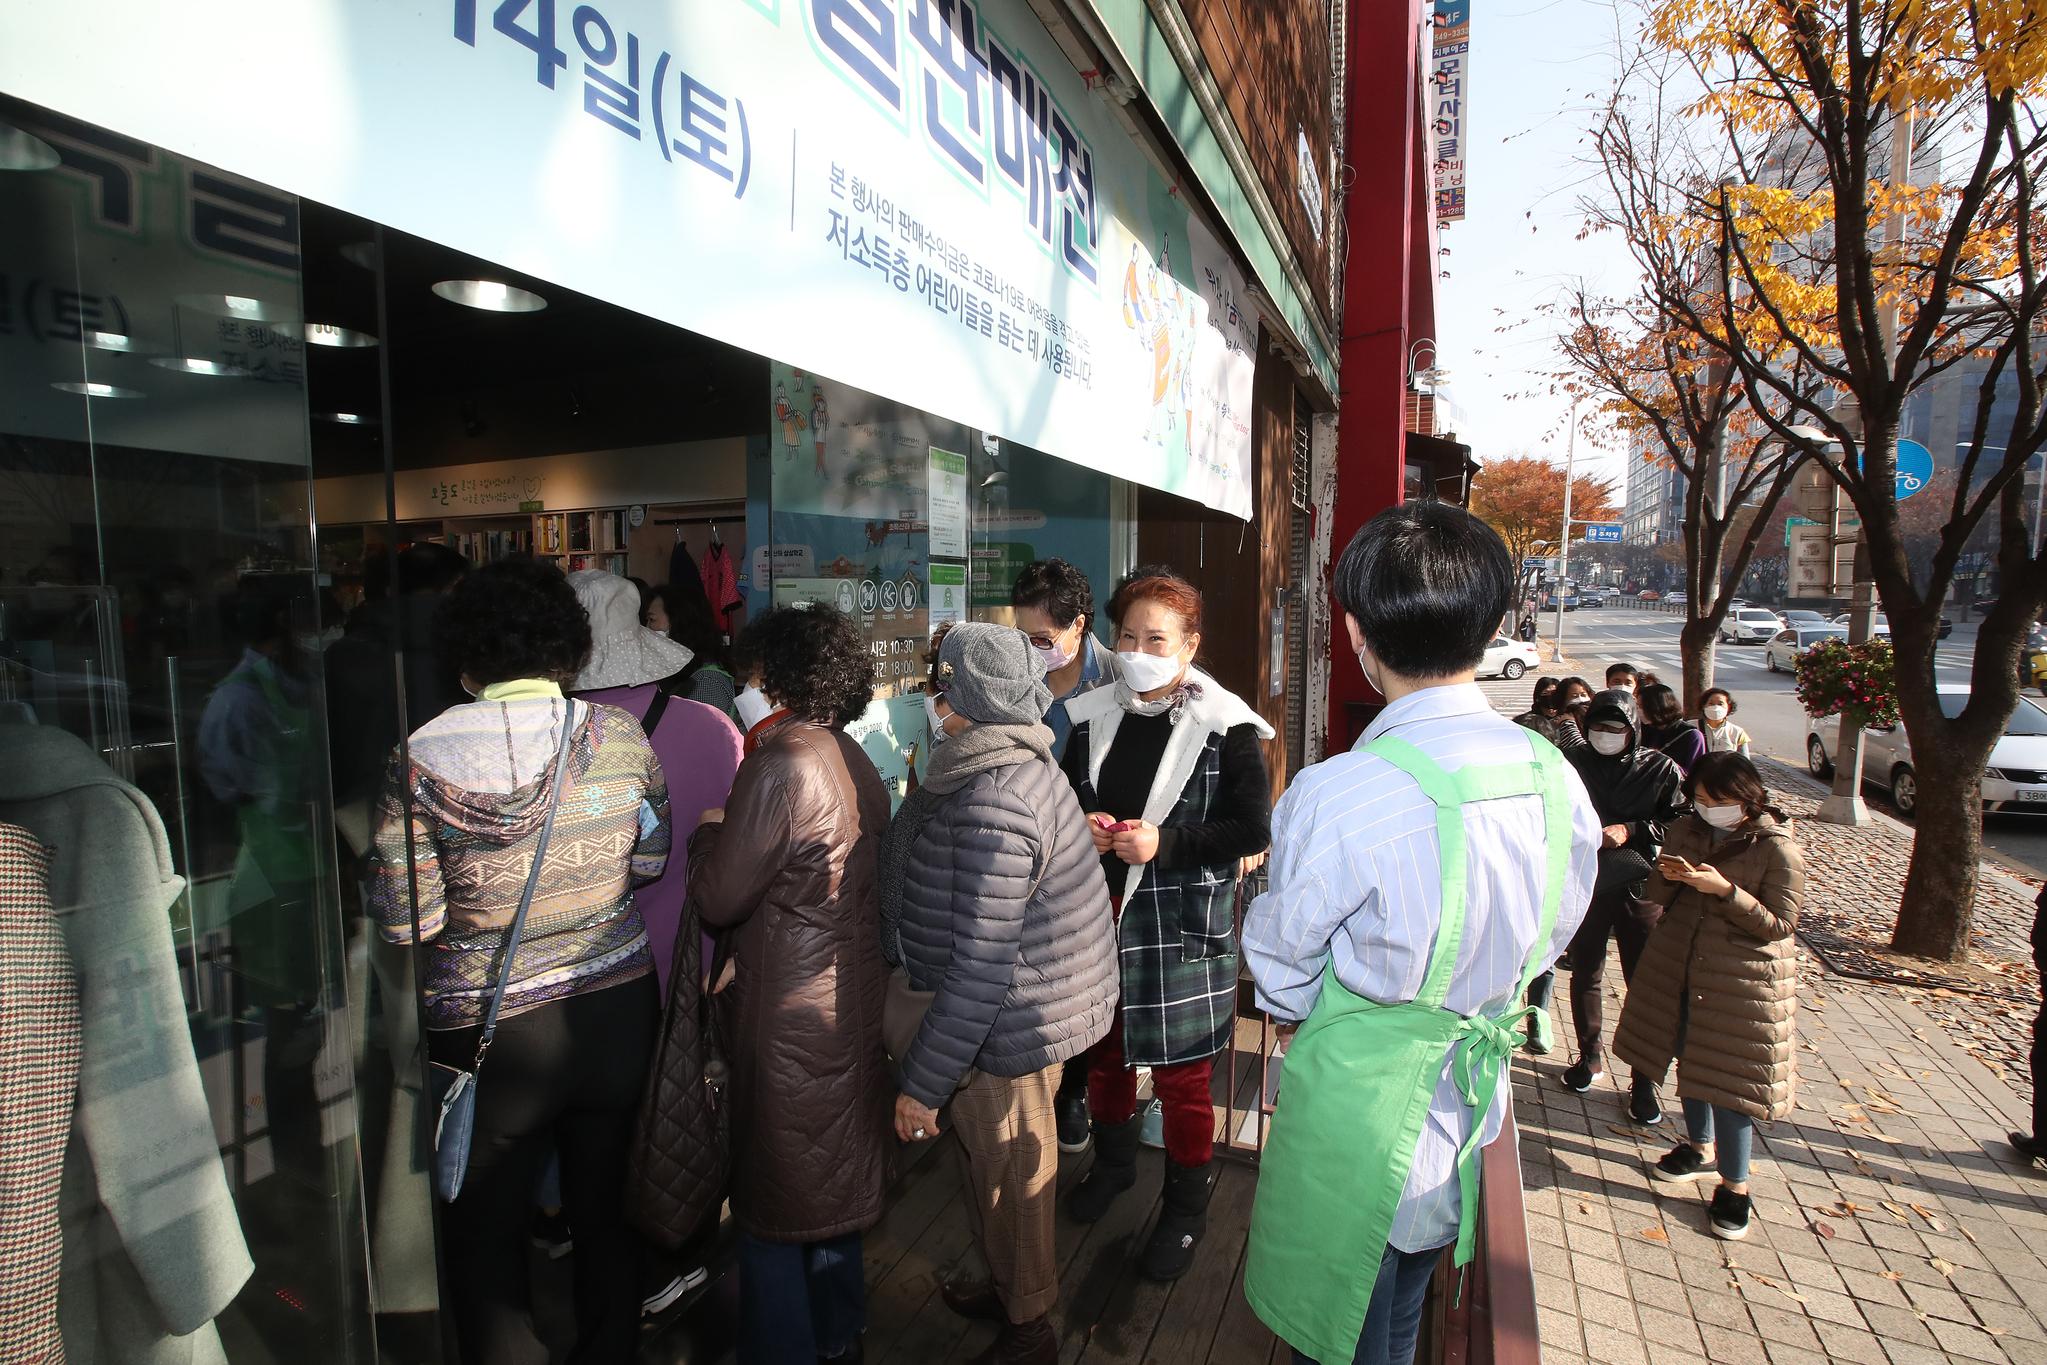 14일 '위아자 나눔장터 2020' 특별판매전이 열린 아름다운가게 강남구청역점에 개장 전부터 줄서서 기다리던 방문객들이 차례대로 입장하고 있다. 우상조 기자